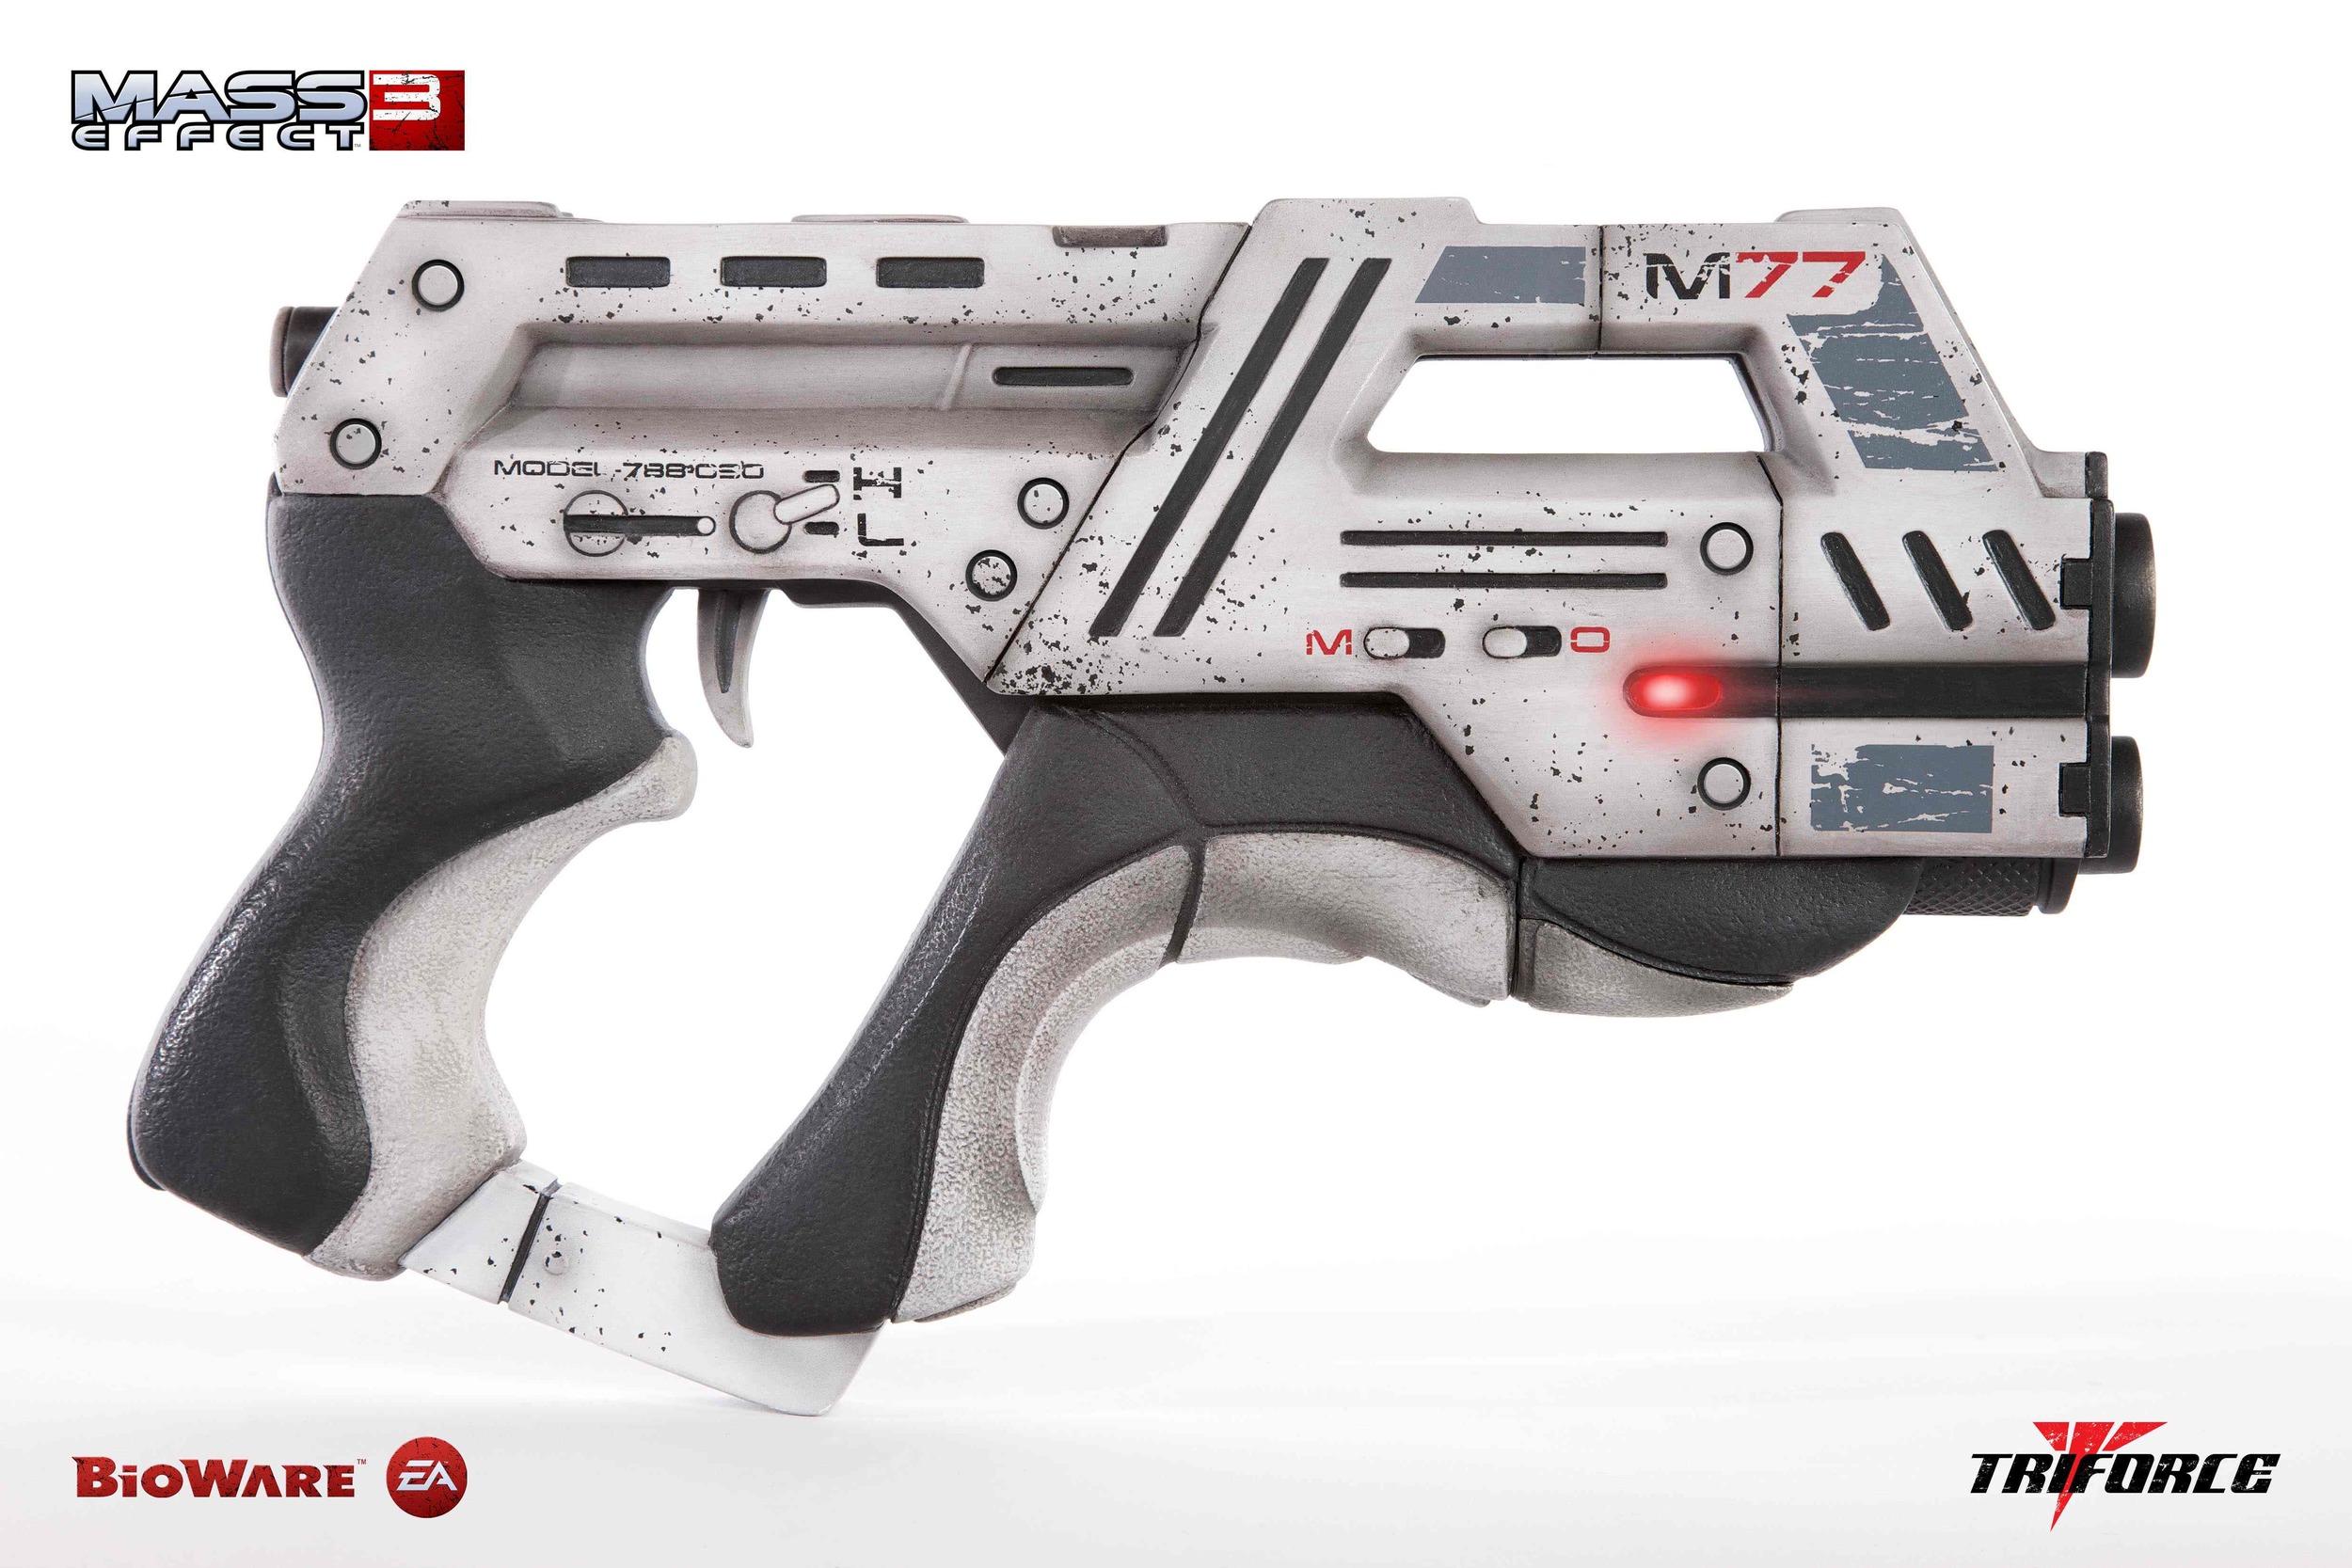 Mass Effect Carnifex Pistol Concept Art From Mass Effect 3